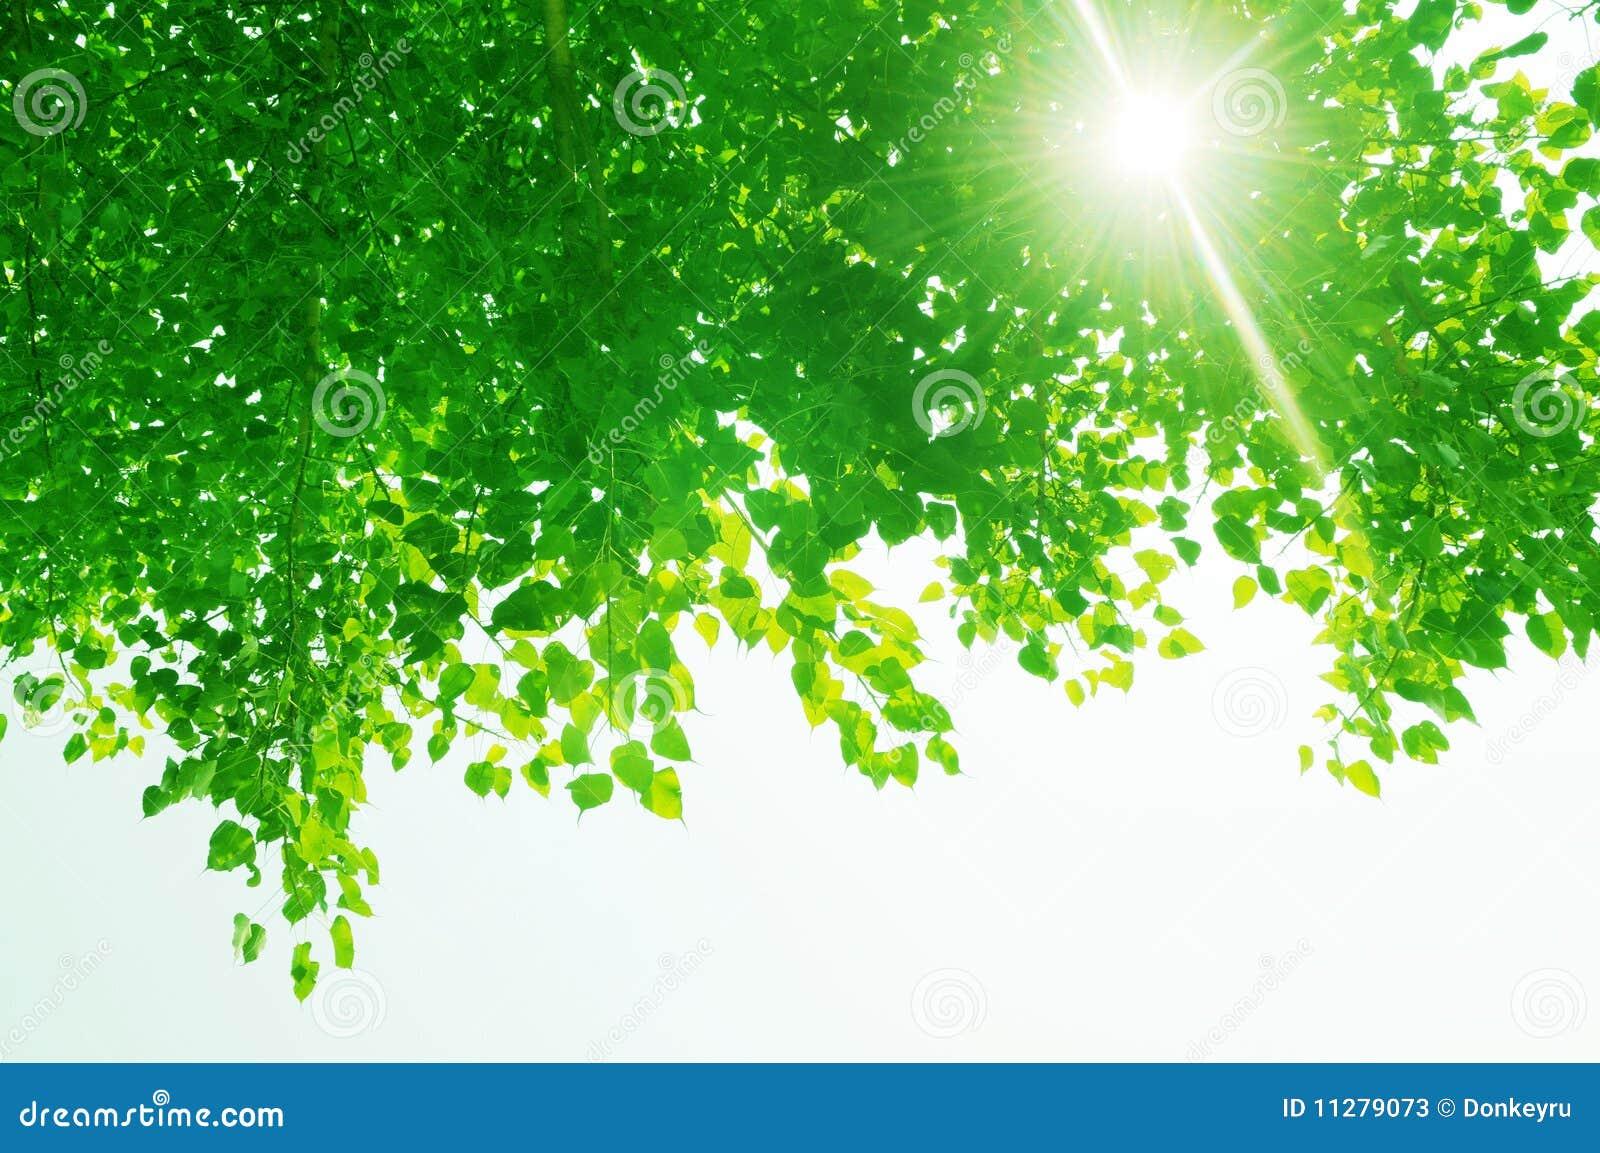 Hojas del banyan y rayos verdes del sol.